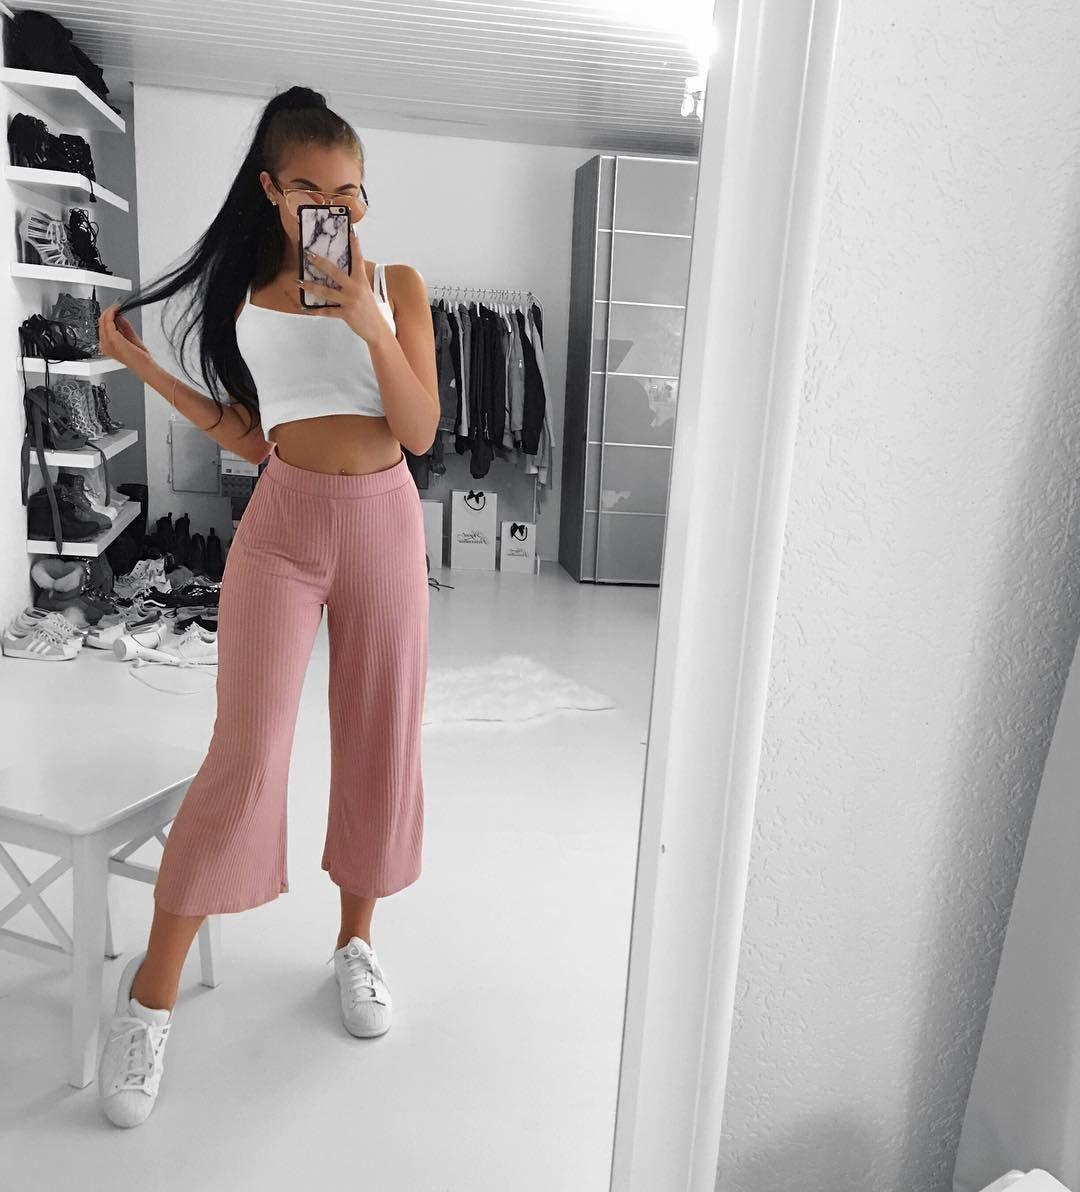 Teen Taking Ab Ihre Kleidung